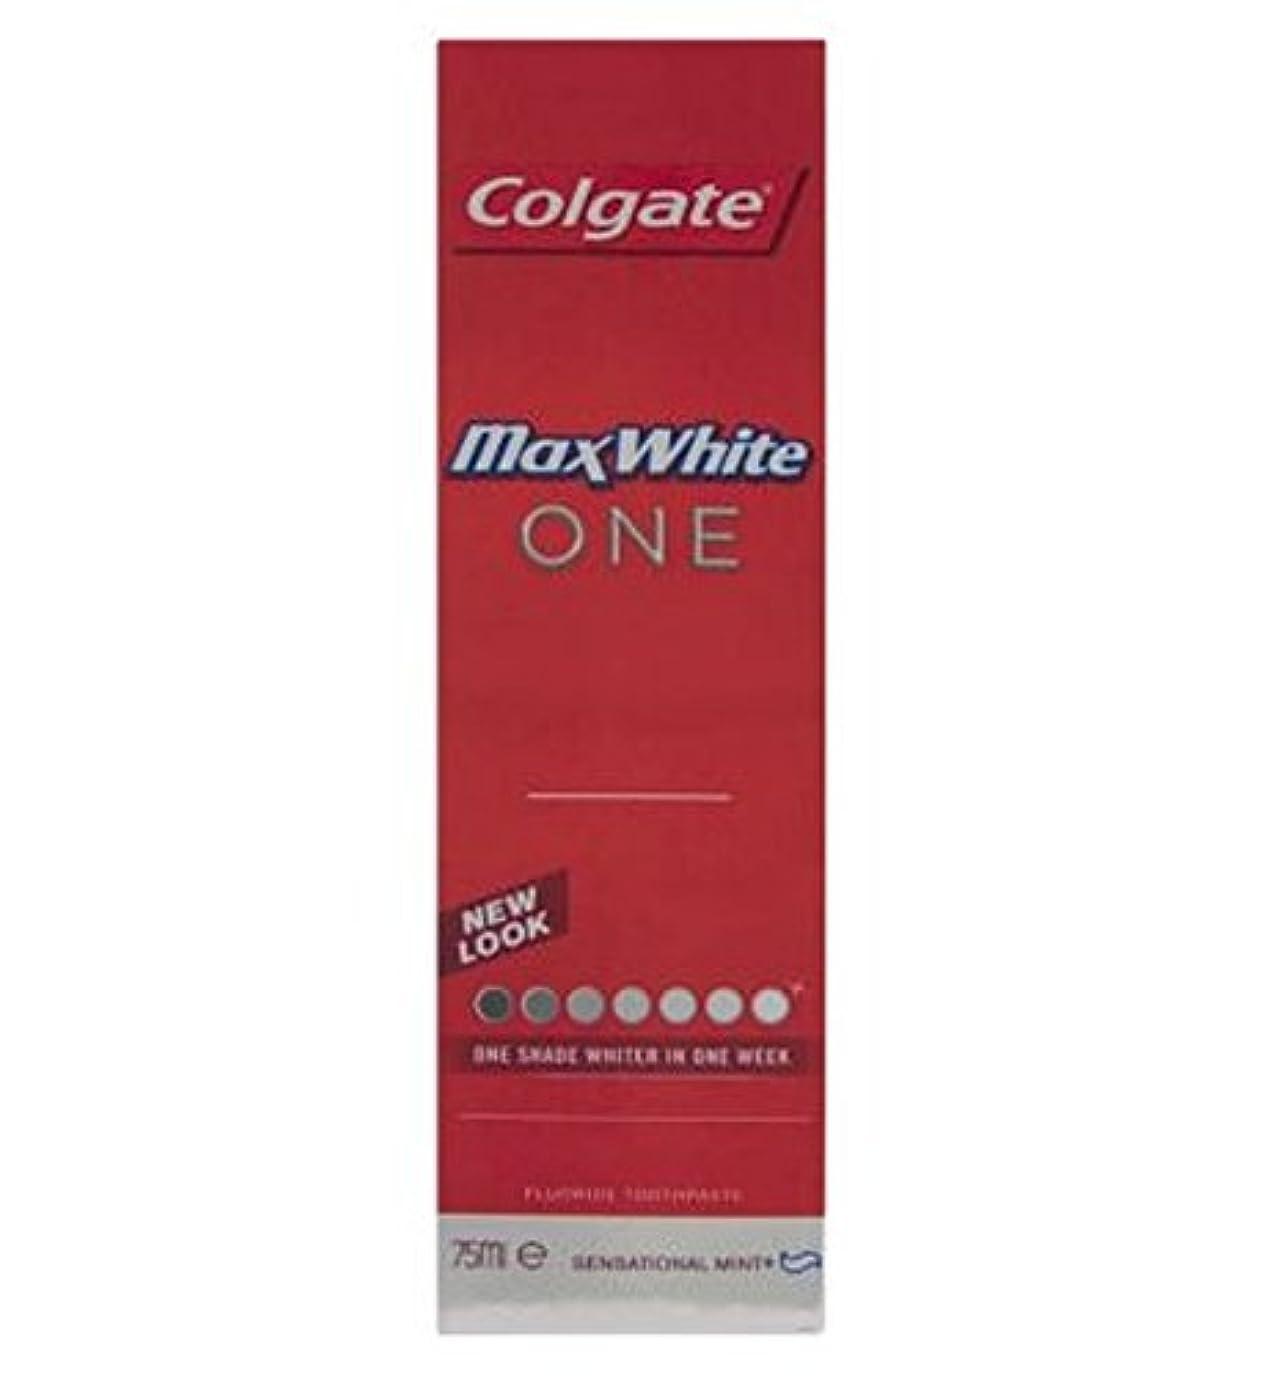 家庭中絶溶かすColgate Max White One Fresh toothpaste 75ml - コルゲートマックスホワイト1新鮮な歯磨き粉75ミリリットル (Colgate) [並行輸入品]